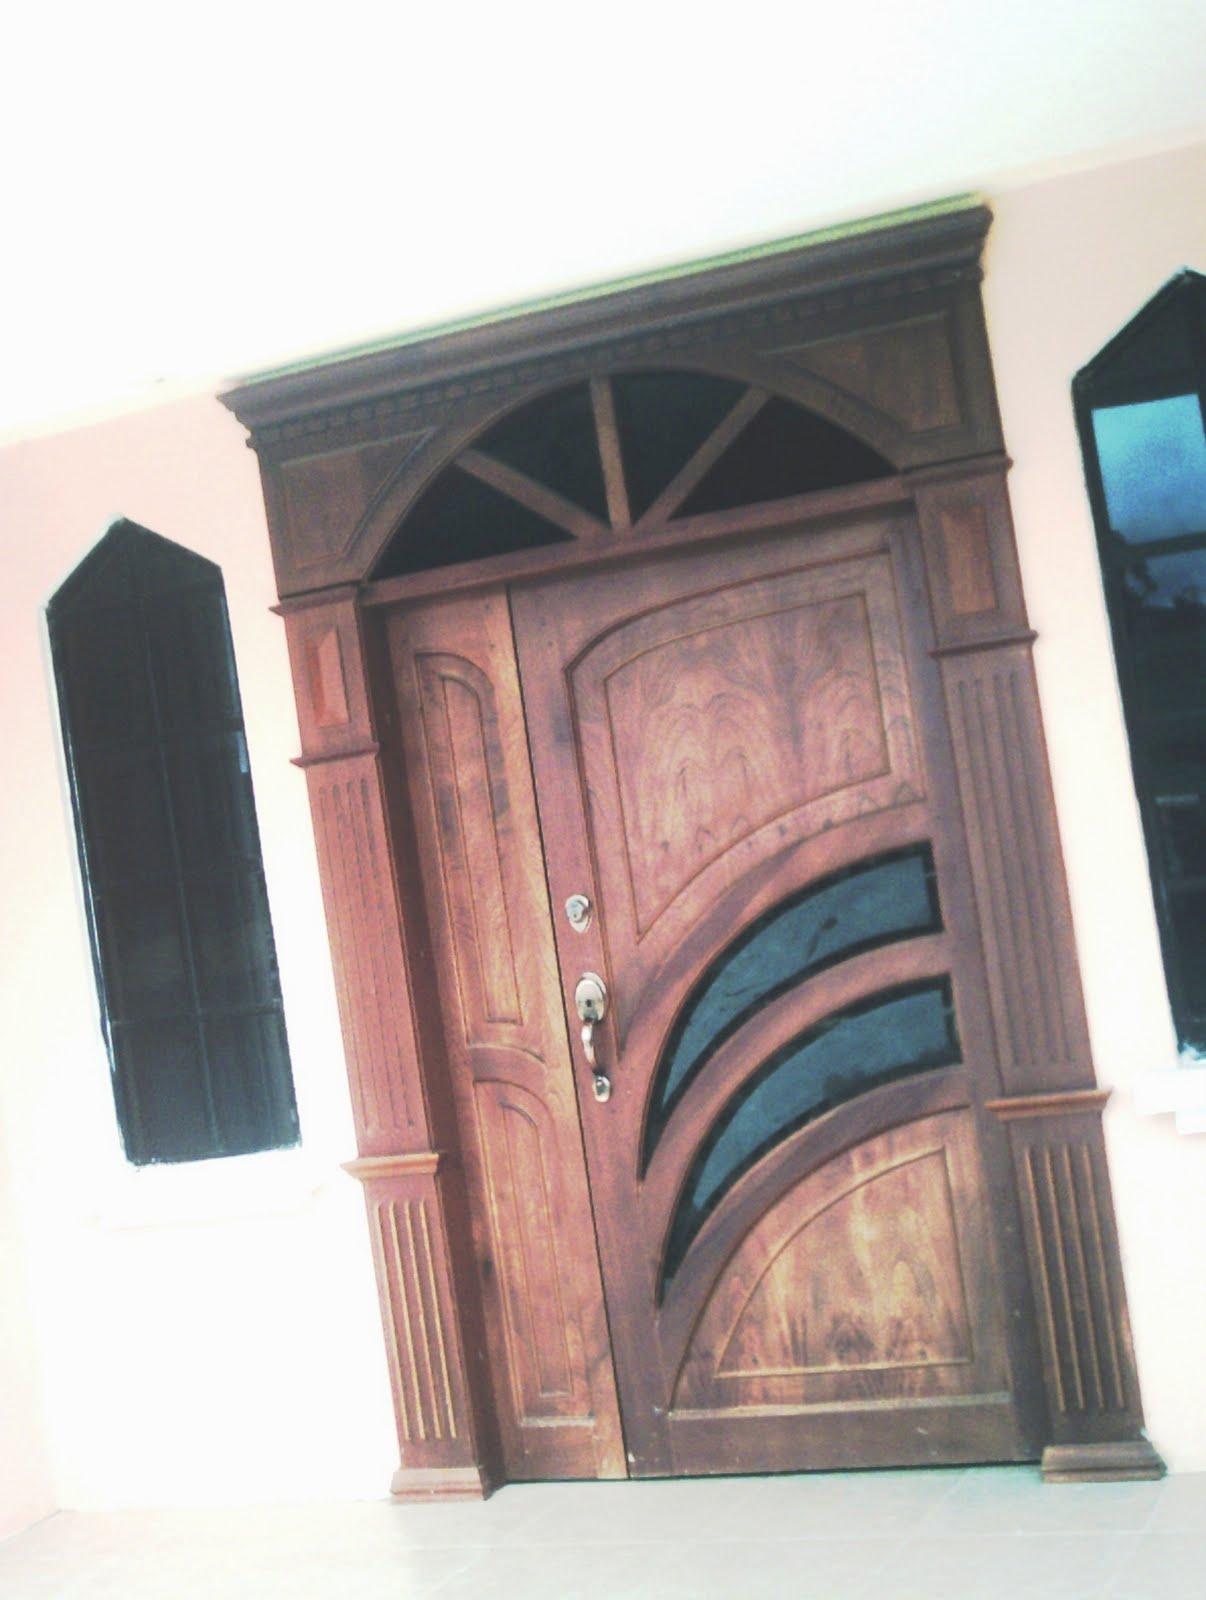 Ideatumobiliario puertas interiores y exteriores para su for Puertas en madera y vidrio